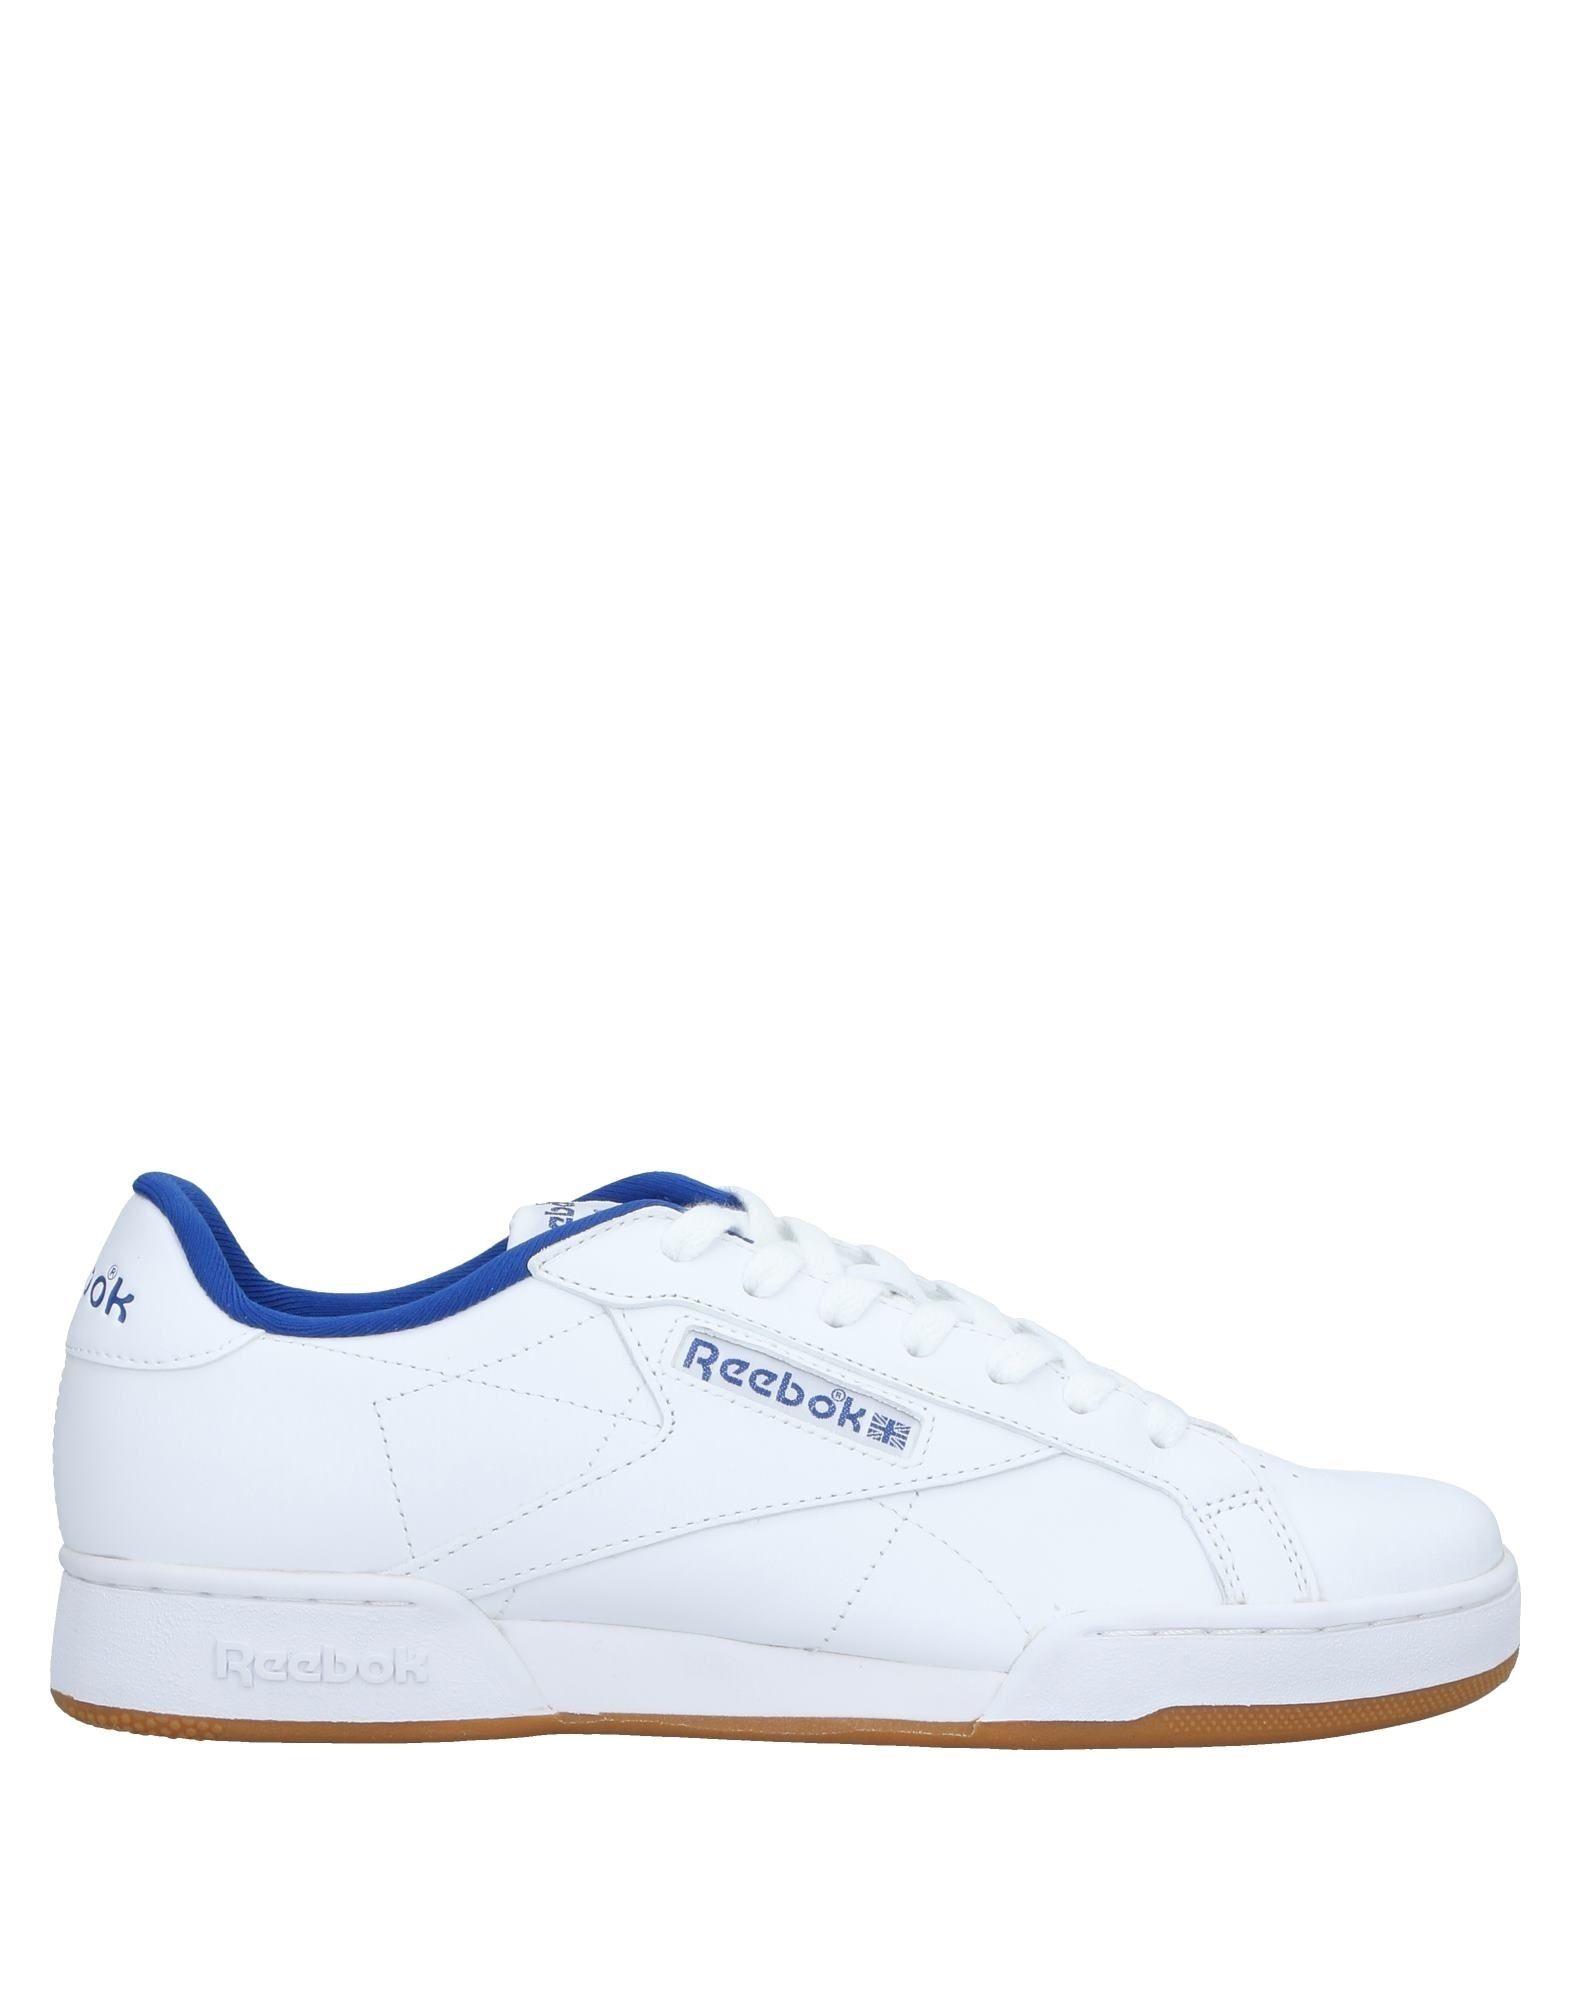 Reebok Sneakers Herren  11533296OW